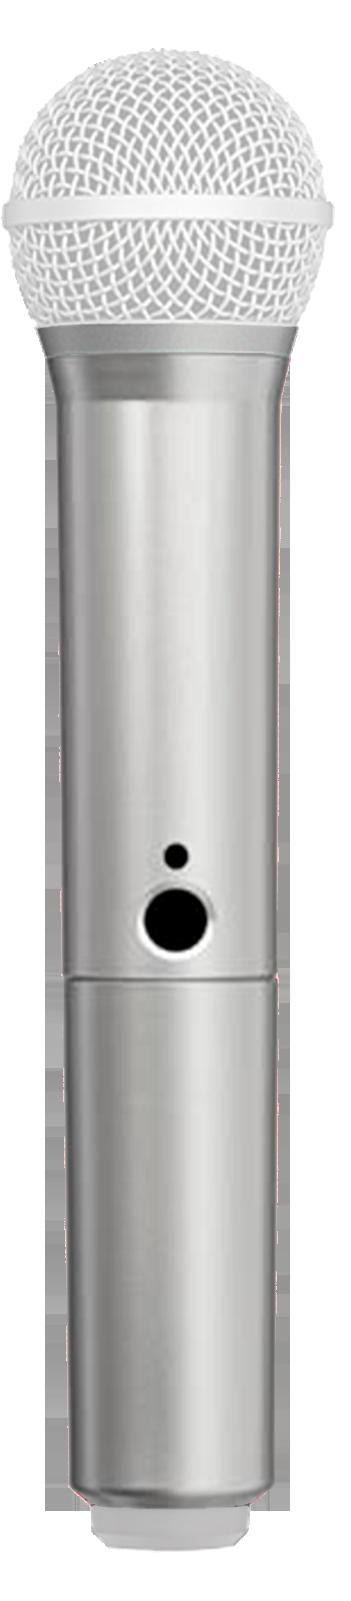 Manga decorativa en color plata para el transmisor de mano BLX con PG58